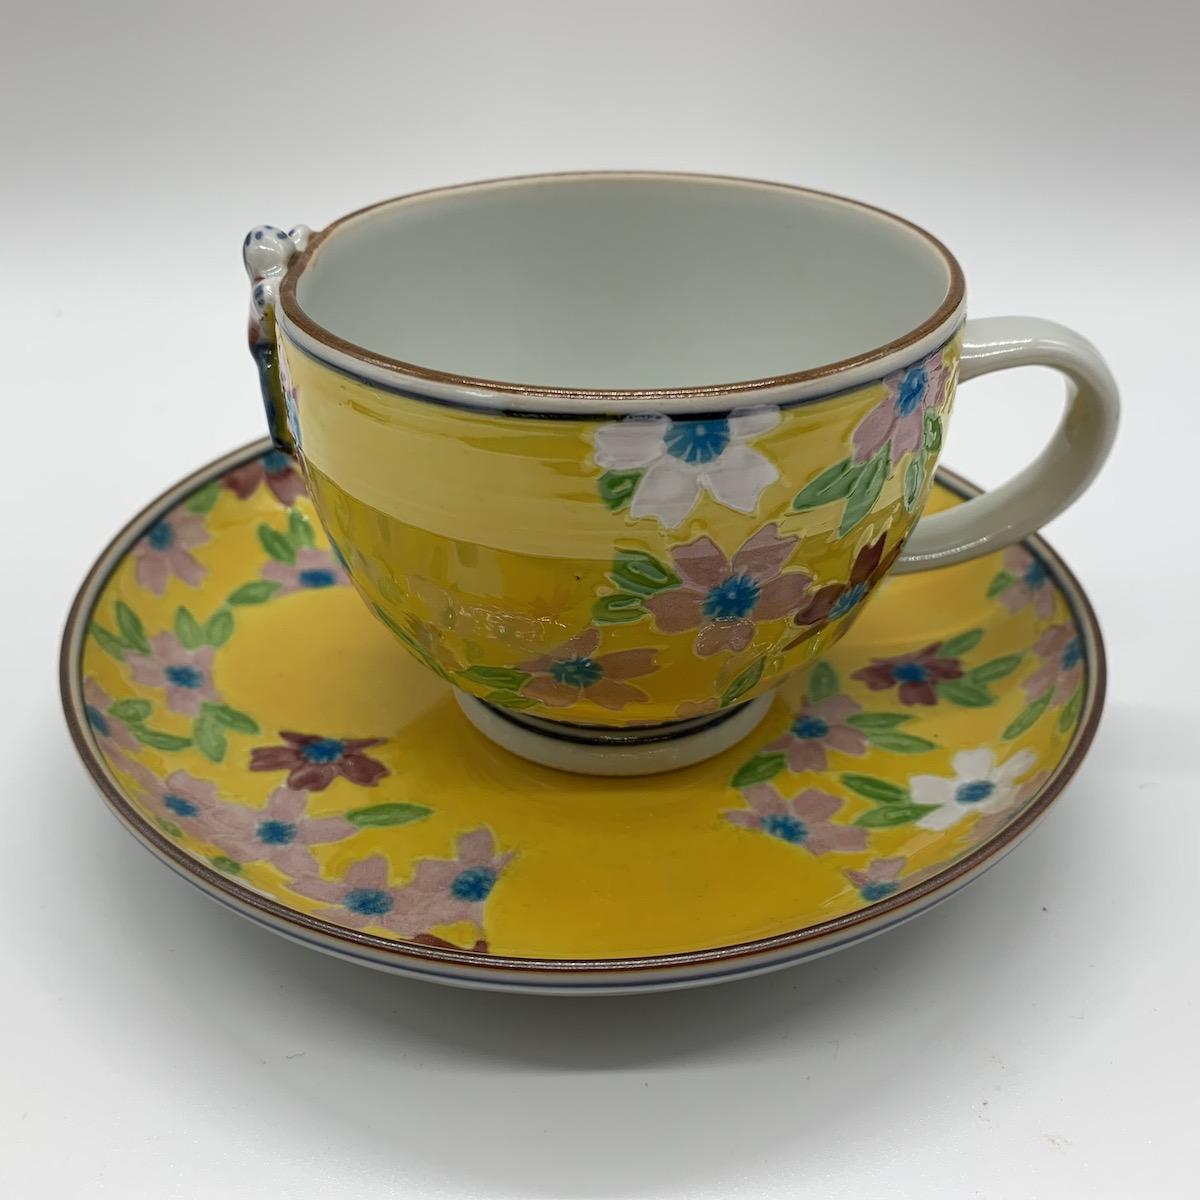 武内裕(秀峰窯) 一閑人黄交趾桜コーヒー碗(コーヒーカップ&ソーサー) 京焼 清水焼